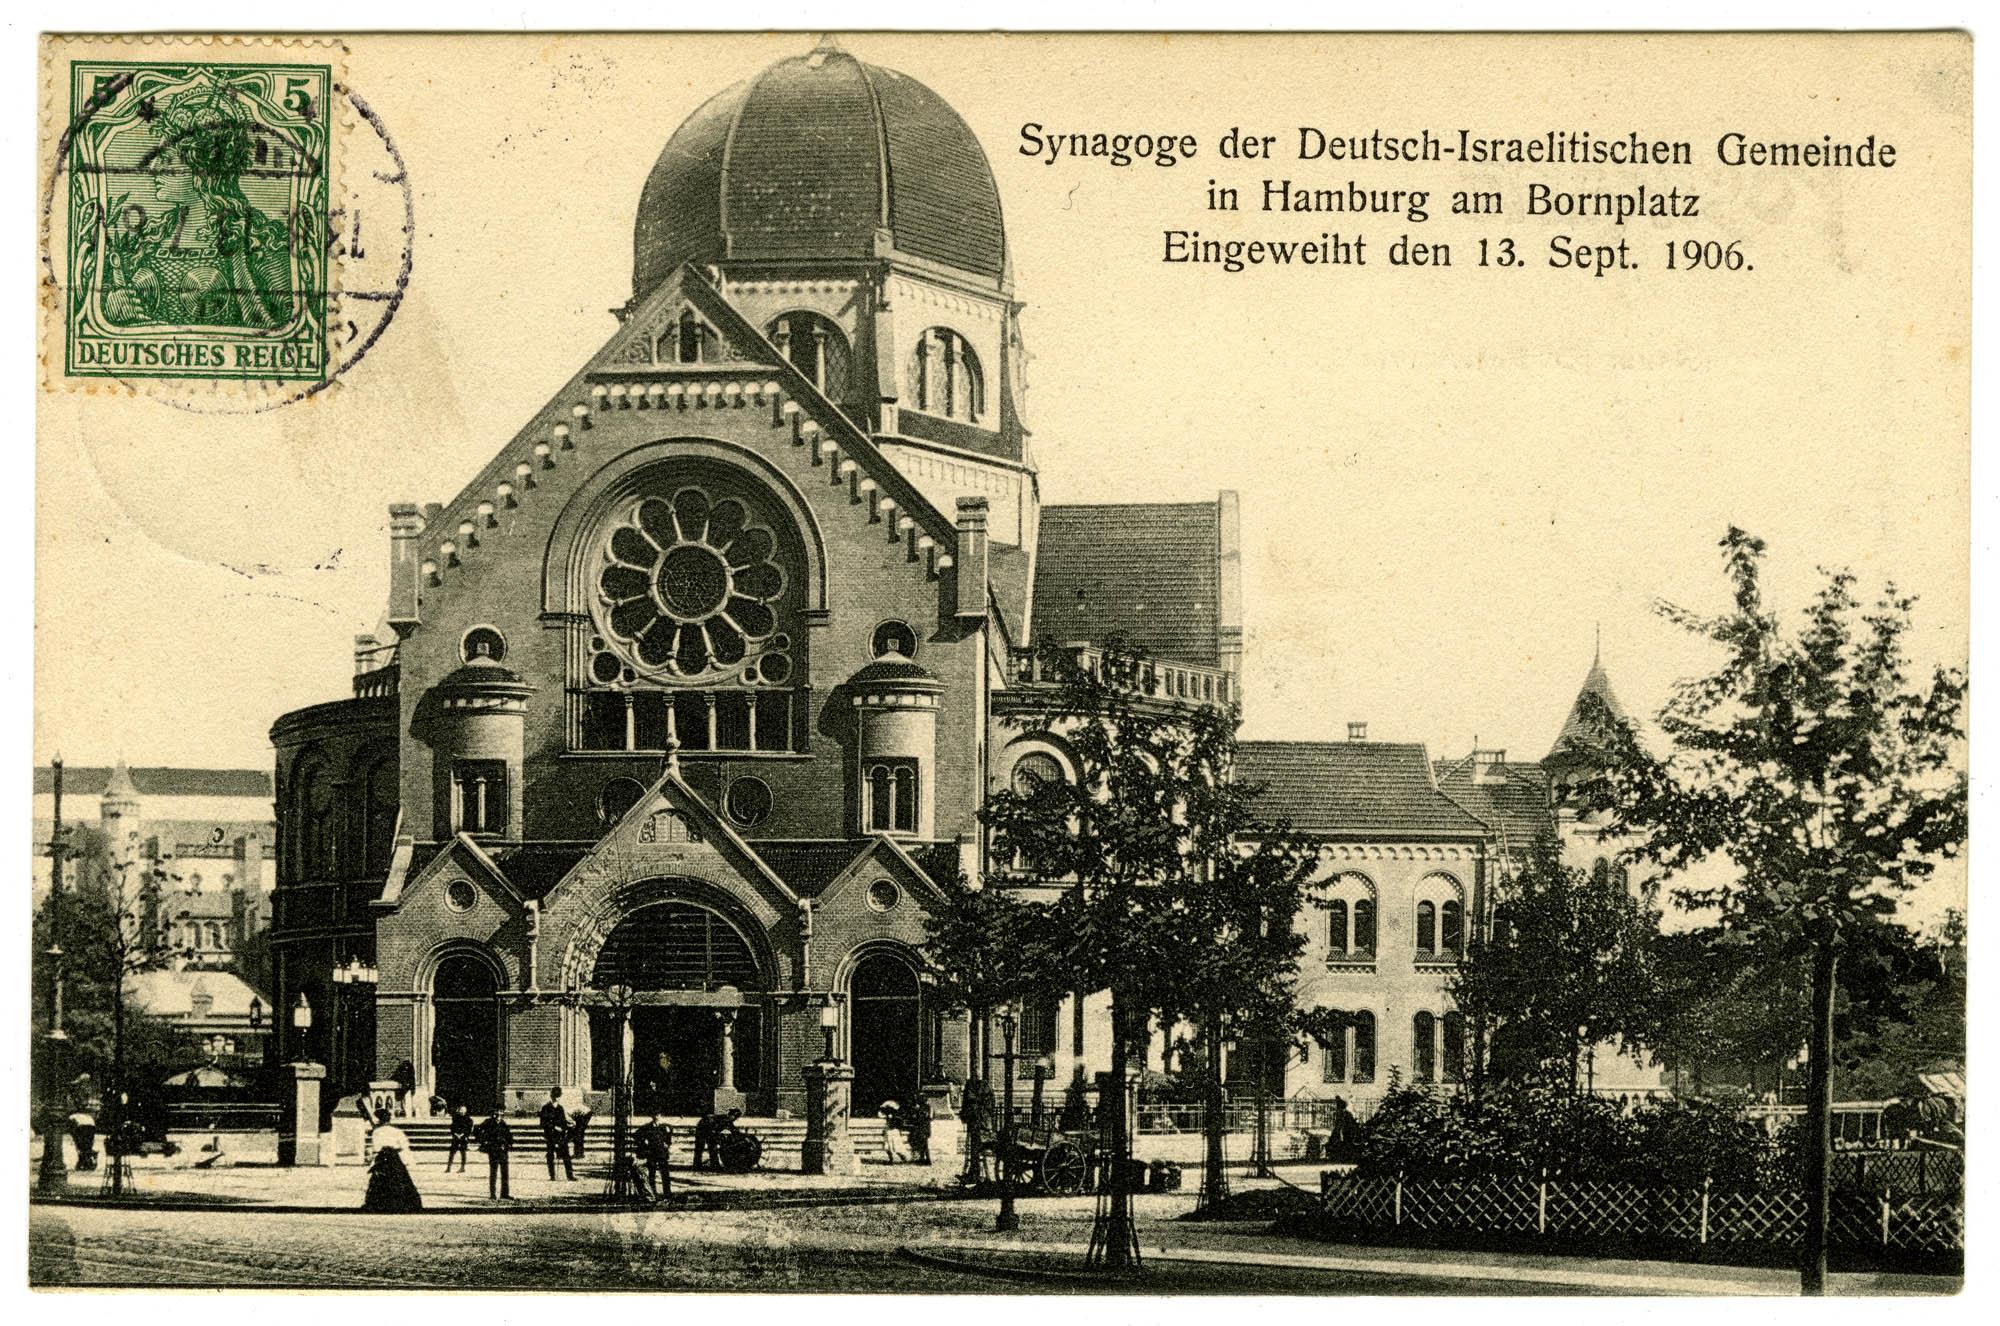 Synagoge der Deutsch-Israelitischen Gemeinde in Hamburg am Bornplatz. Eingeweiht den 13. Sept. 1906.